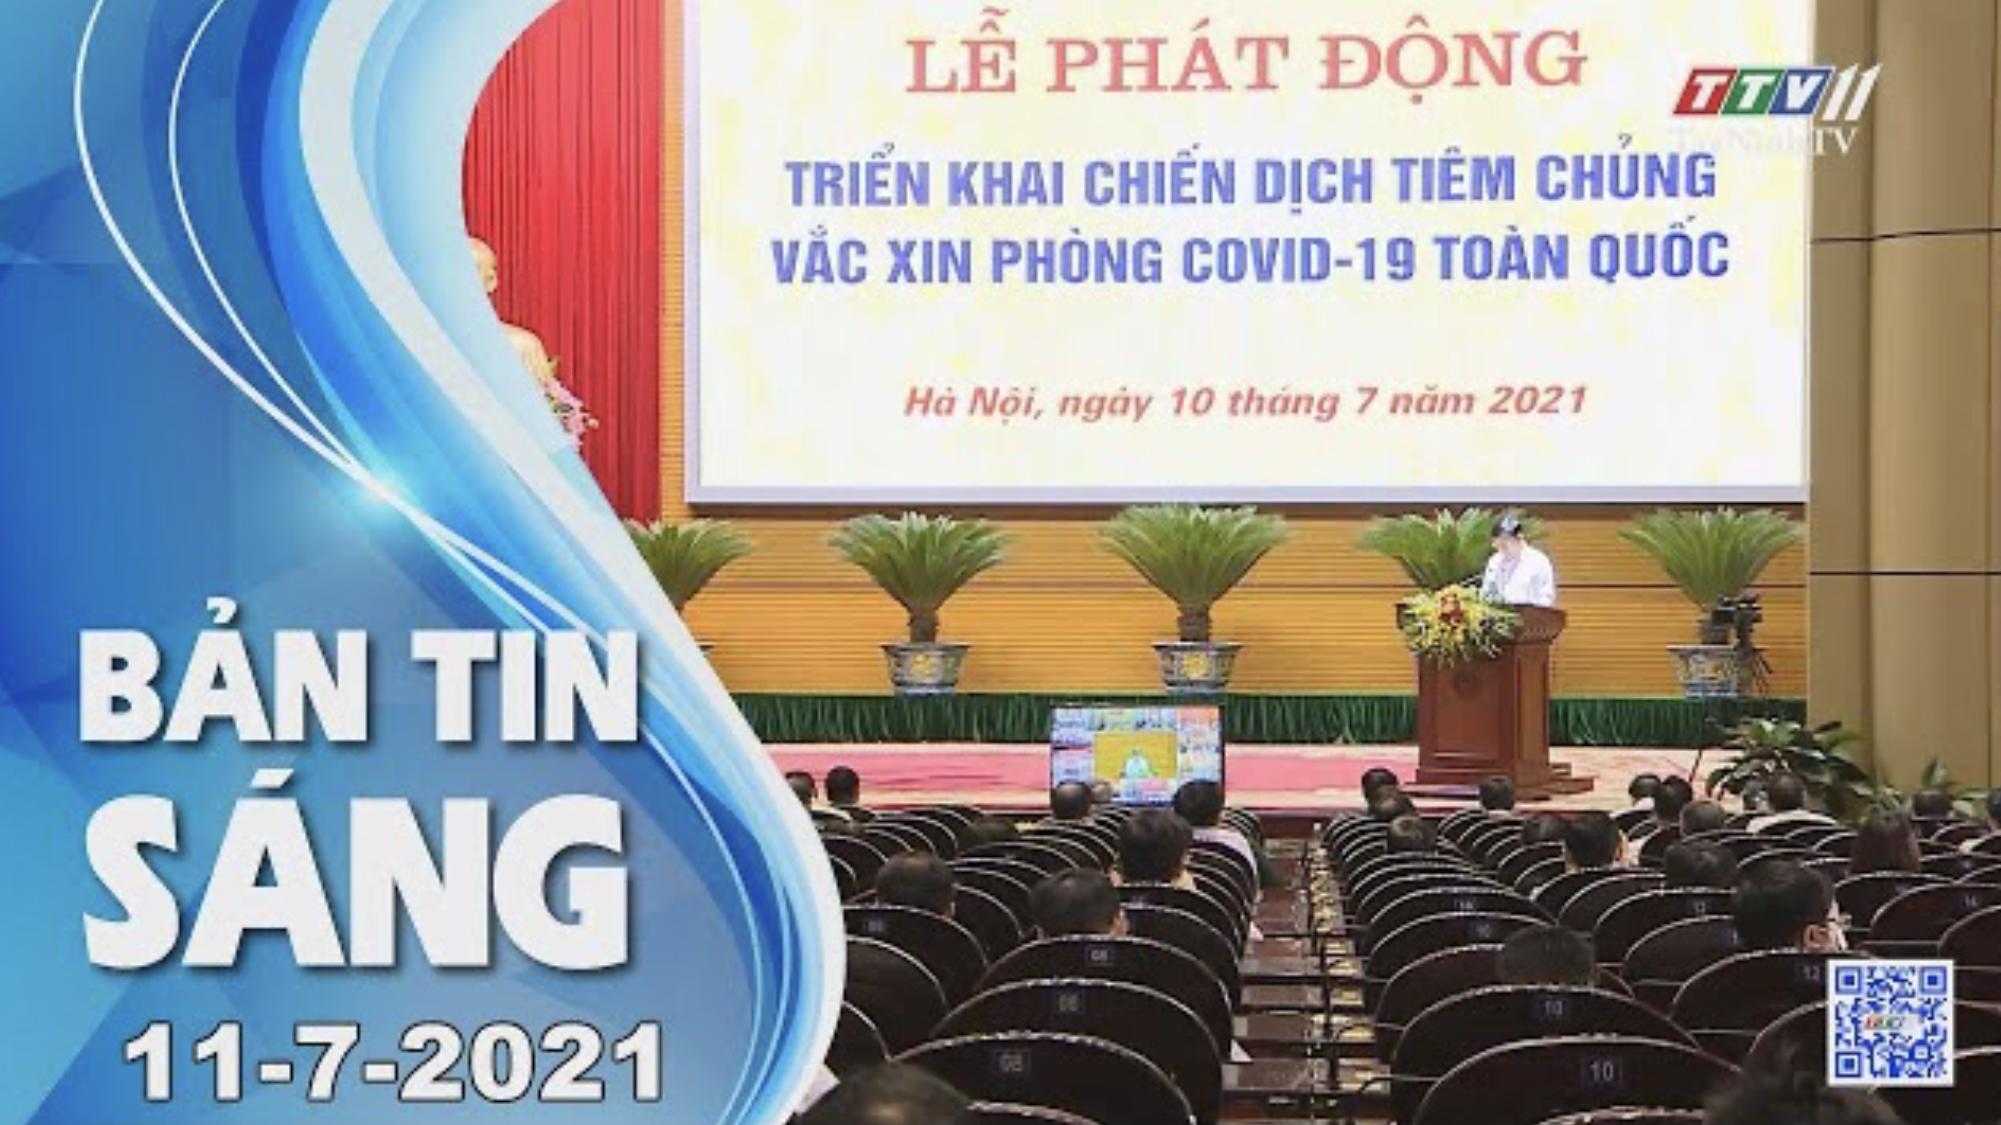 Bản tin sáng 11-7-2021   Tin tức hôm nay   TayNinhTV